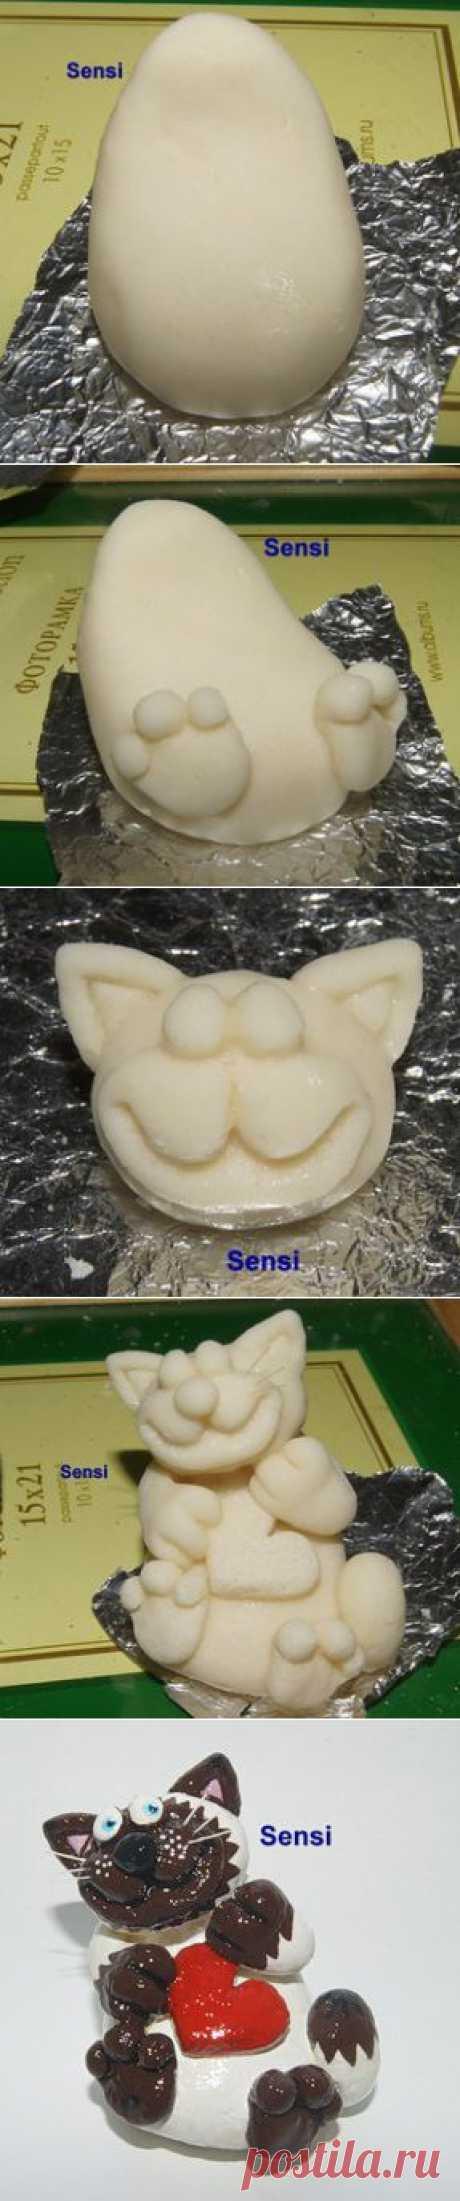 Los gatitos encantadores del test salado